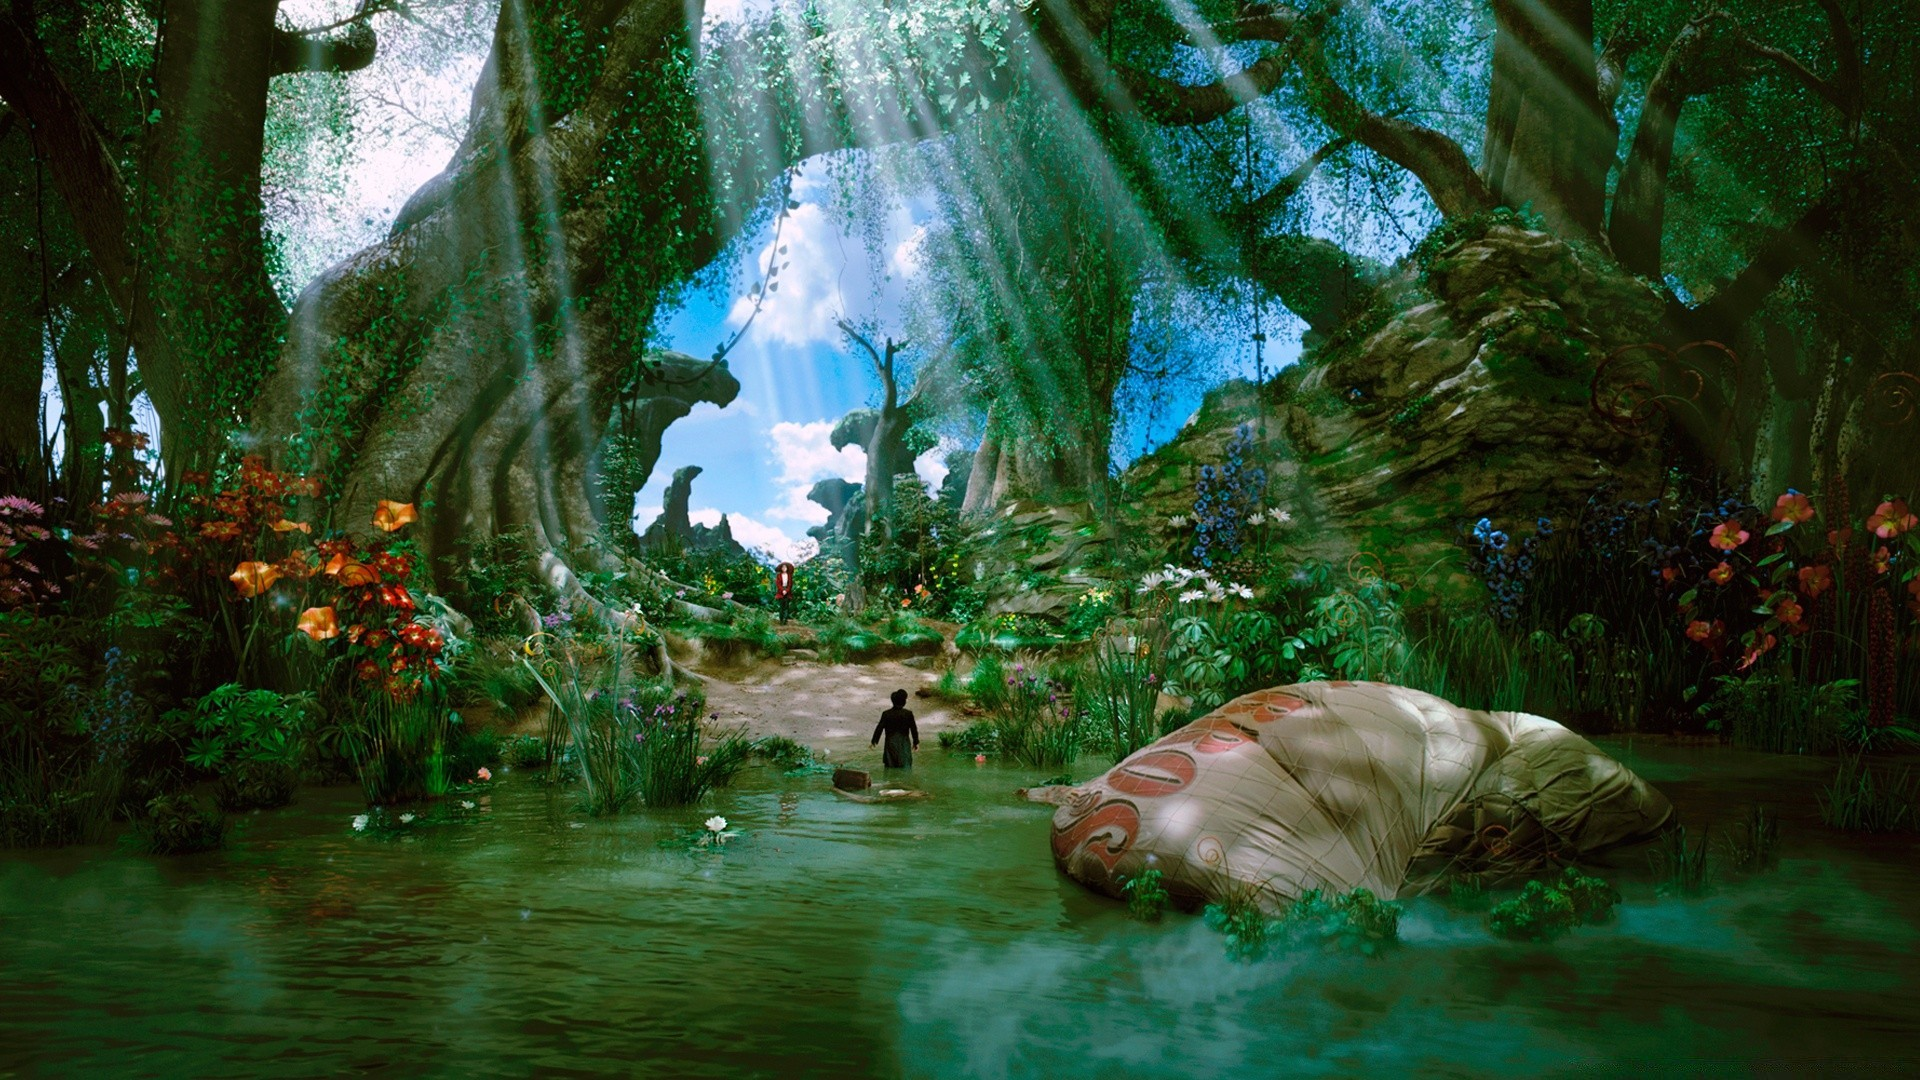 нельзя одновременно смотреть фильмы с красивыми пейзажами вопил